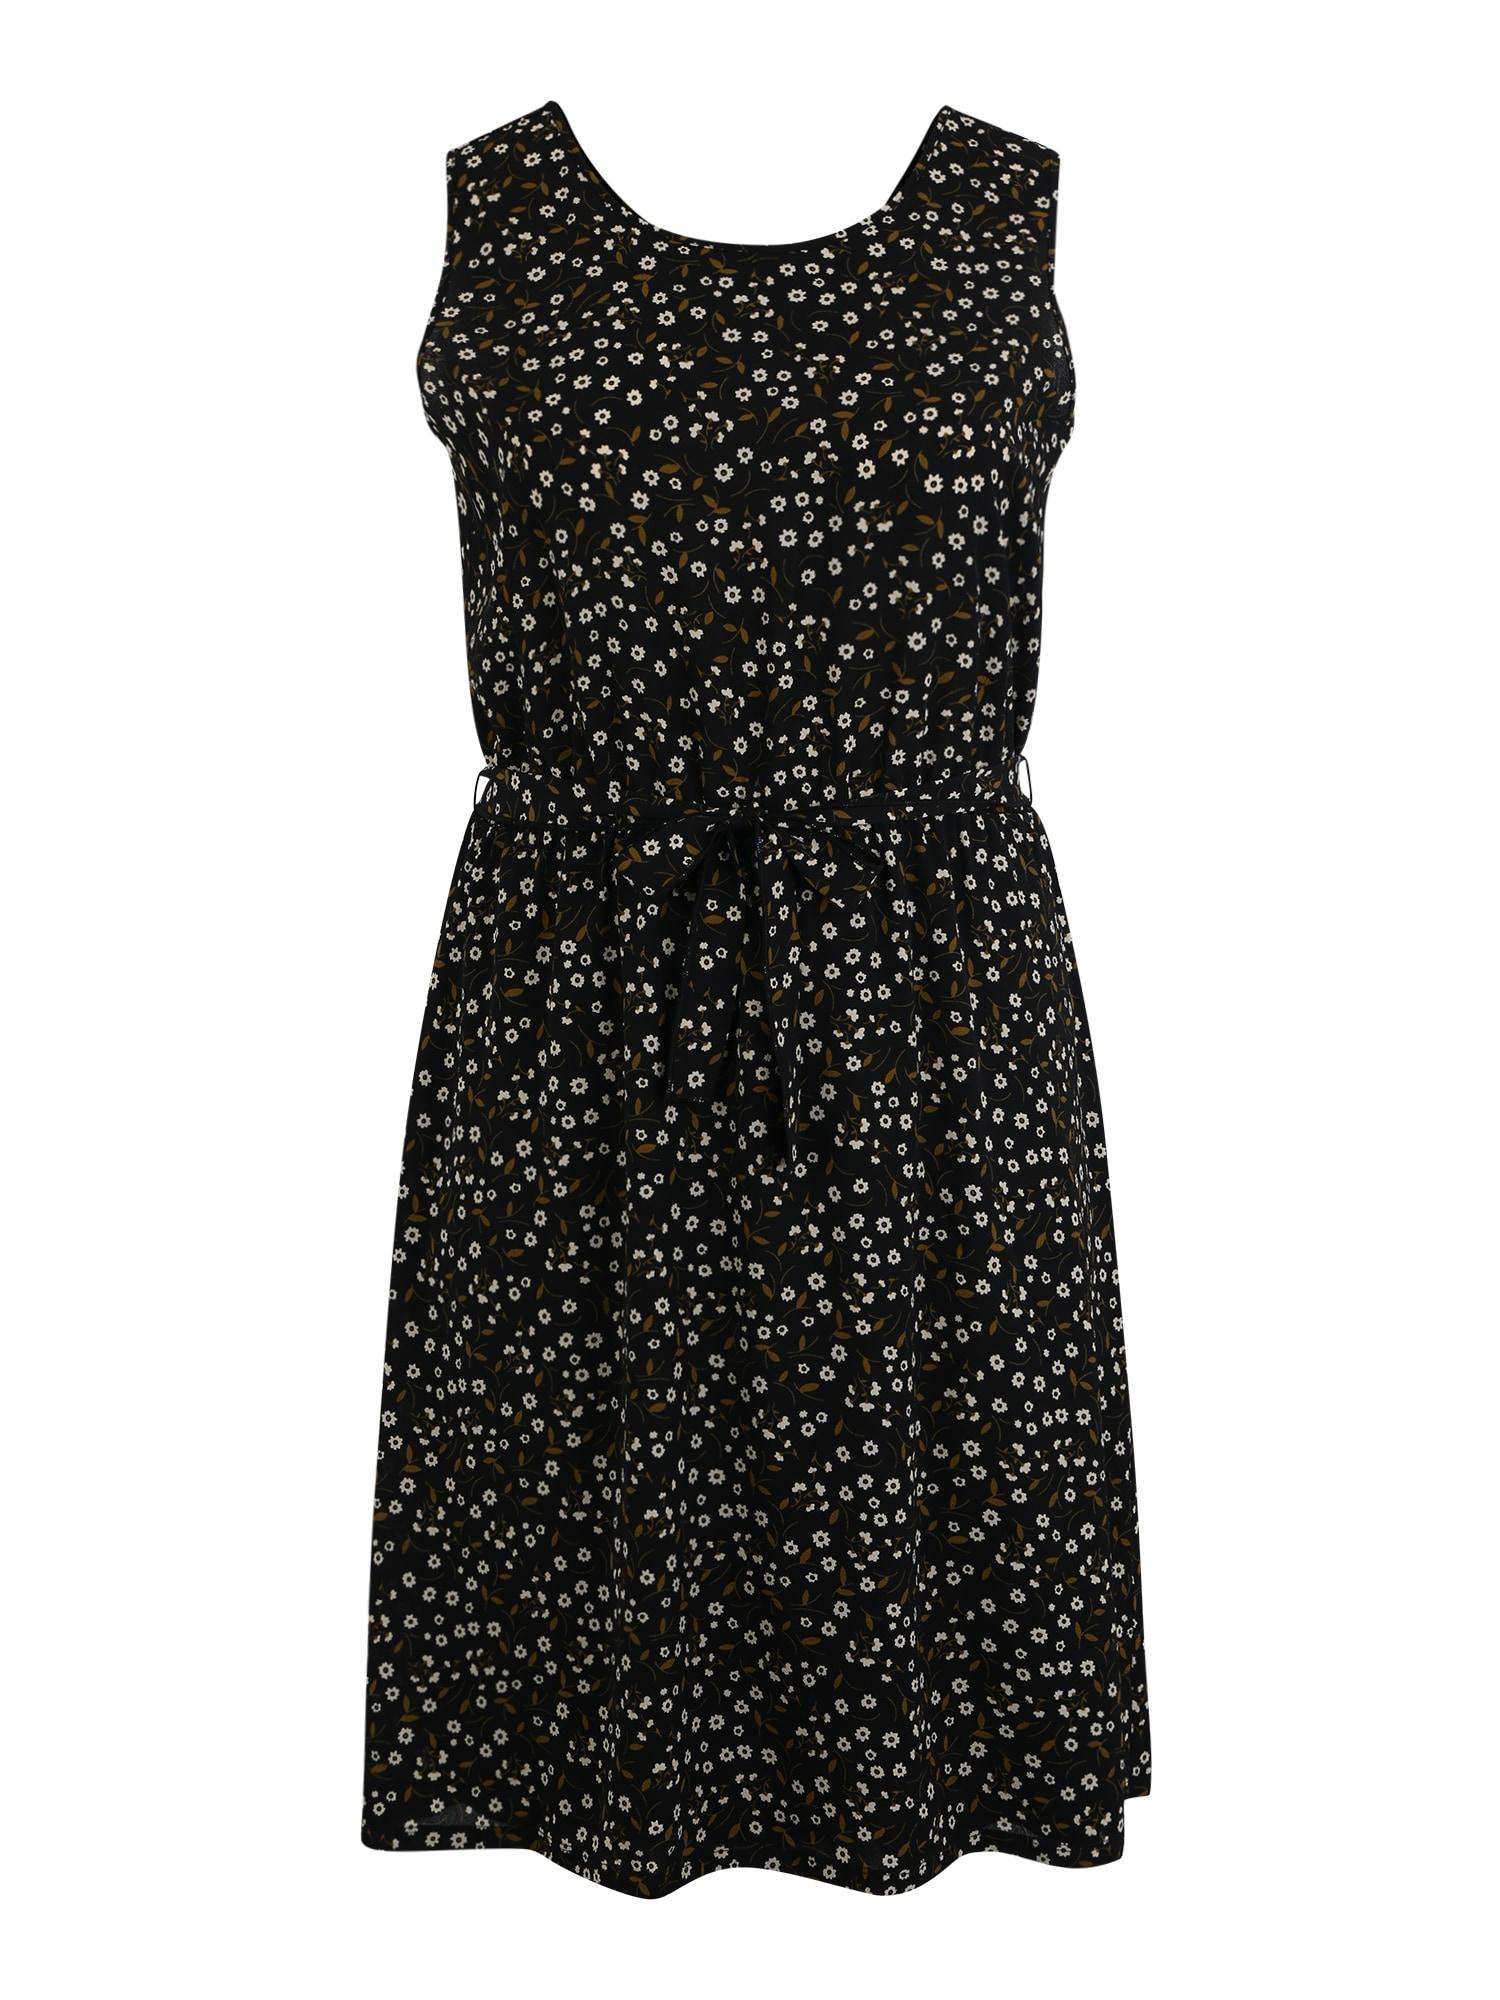 Šaty Tamlyn mix barev černá ABOUT YOU Curvy